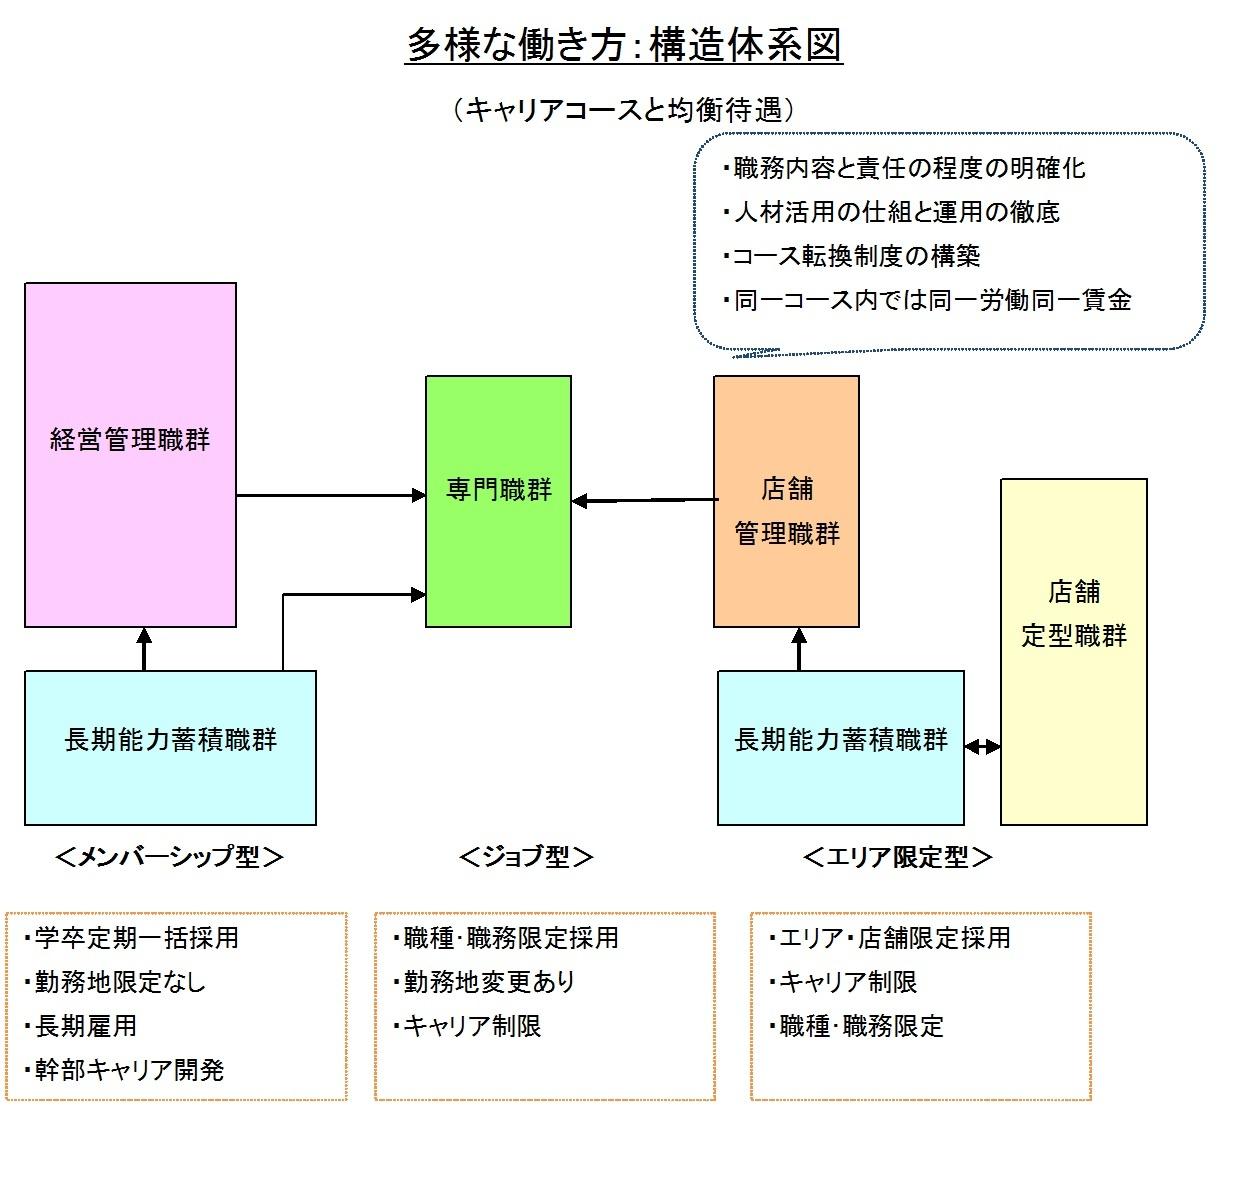 多様な働き方:構造体系図